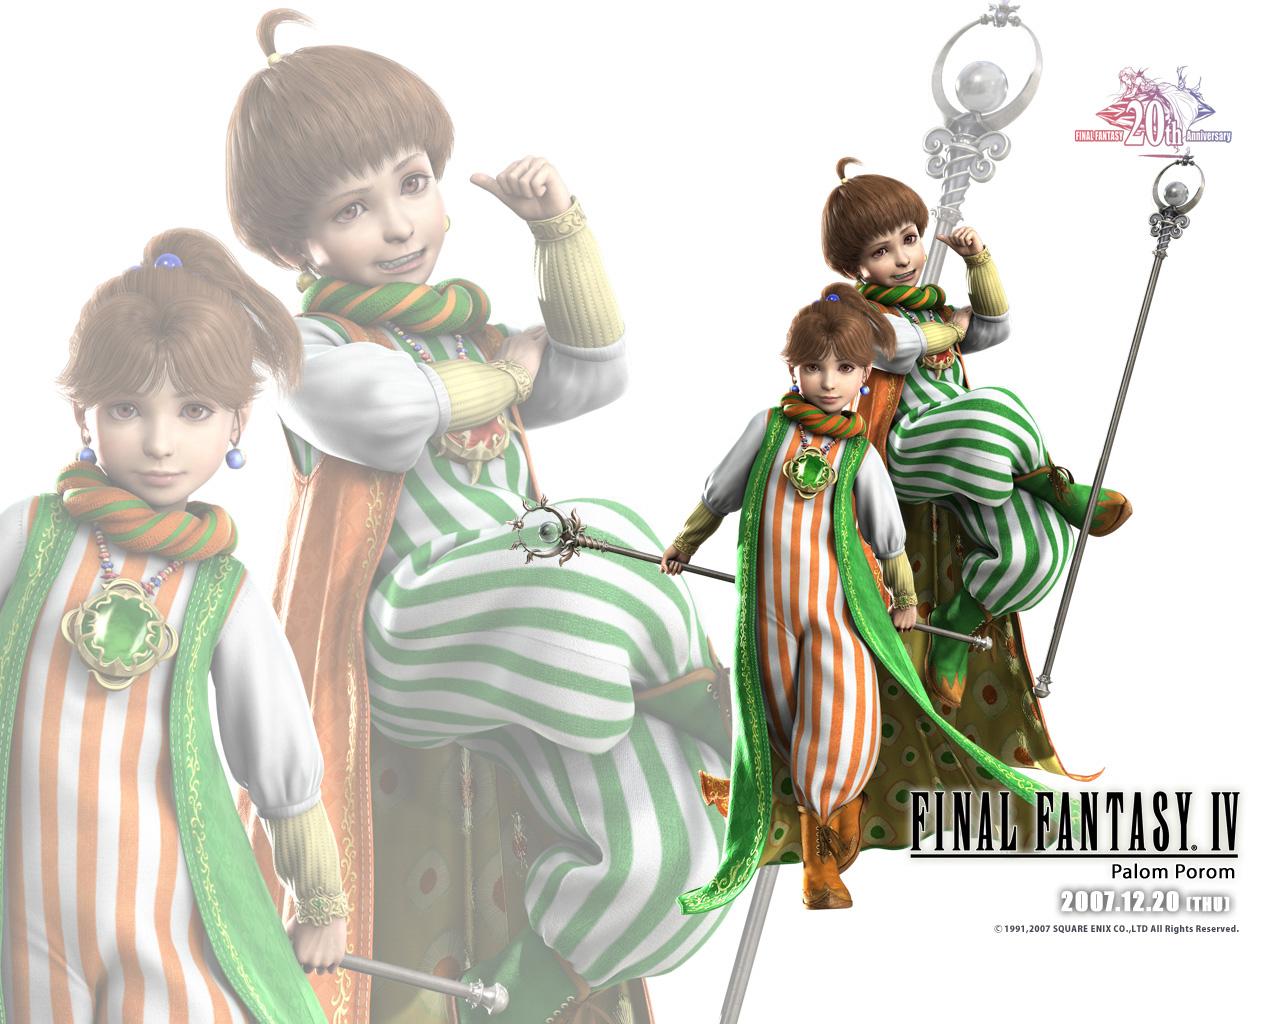 Final Fantasy IV, Wallpaper - Zerochan Anime Image Board